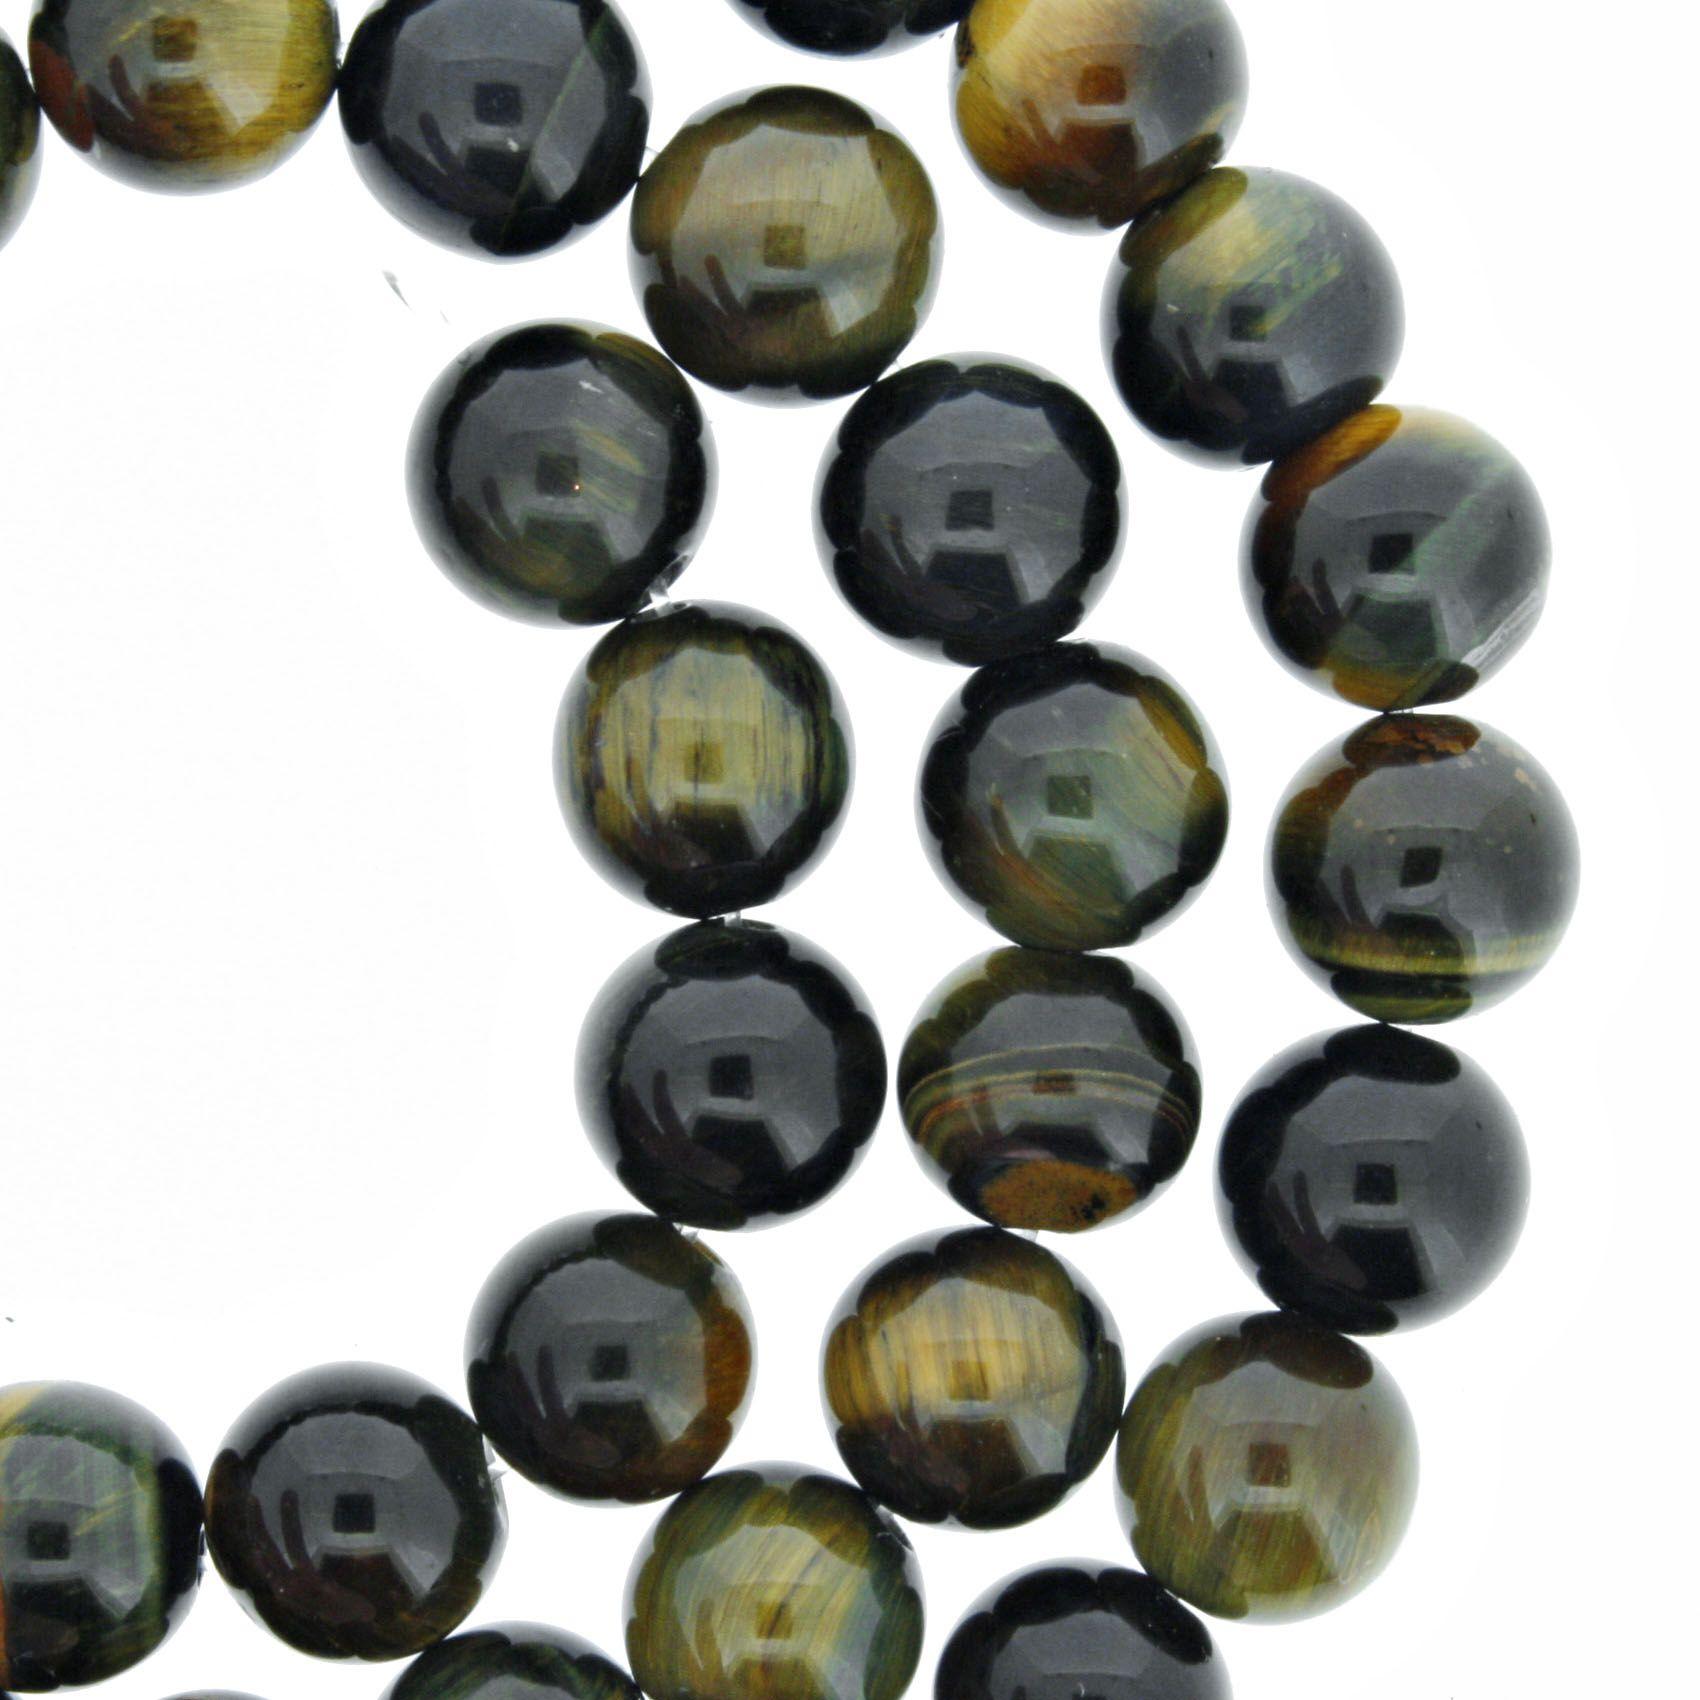 Fio de Pedra - Pietra® - Olho de Falcão - 8mm  - Universo Religioso® - Artigos de Umbanda e Candomblé